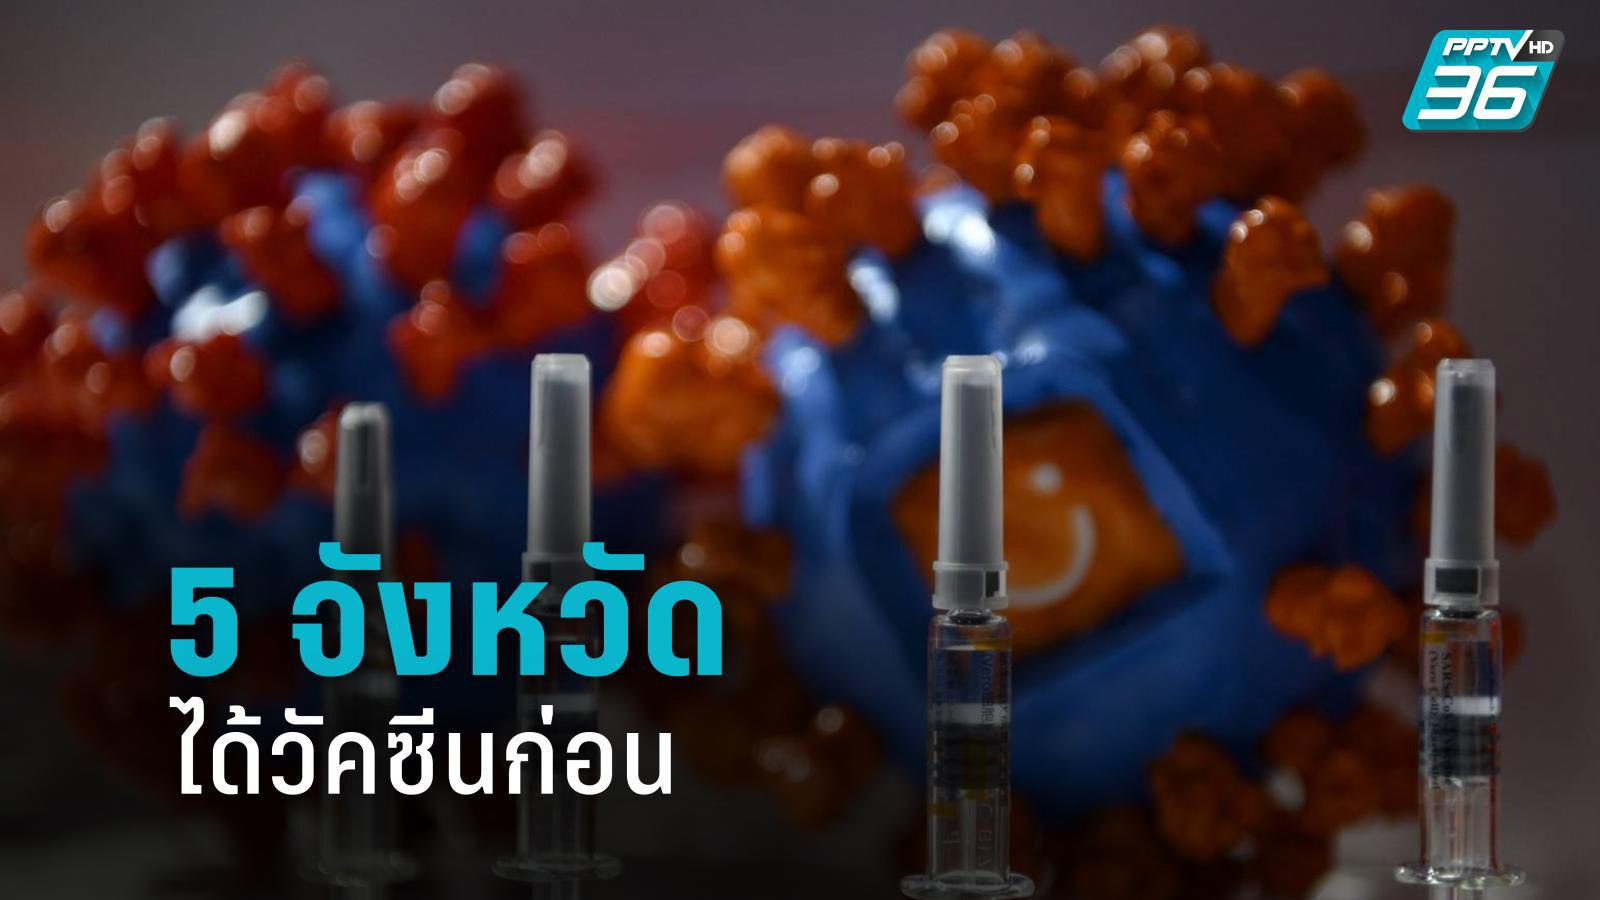 สธ.เปิดแผนแจกวัคซีนโควิด มี 6โรคประจำตัว ประชาชน 5 จังหวัด หมอ พยาบาล ทหาร ตำรวจ ได้ฉีดก่อน